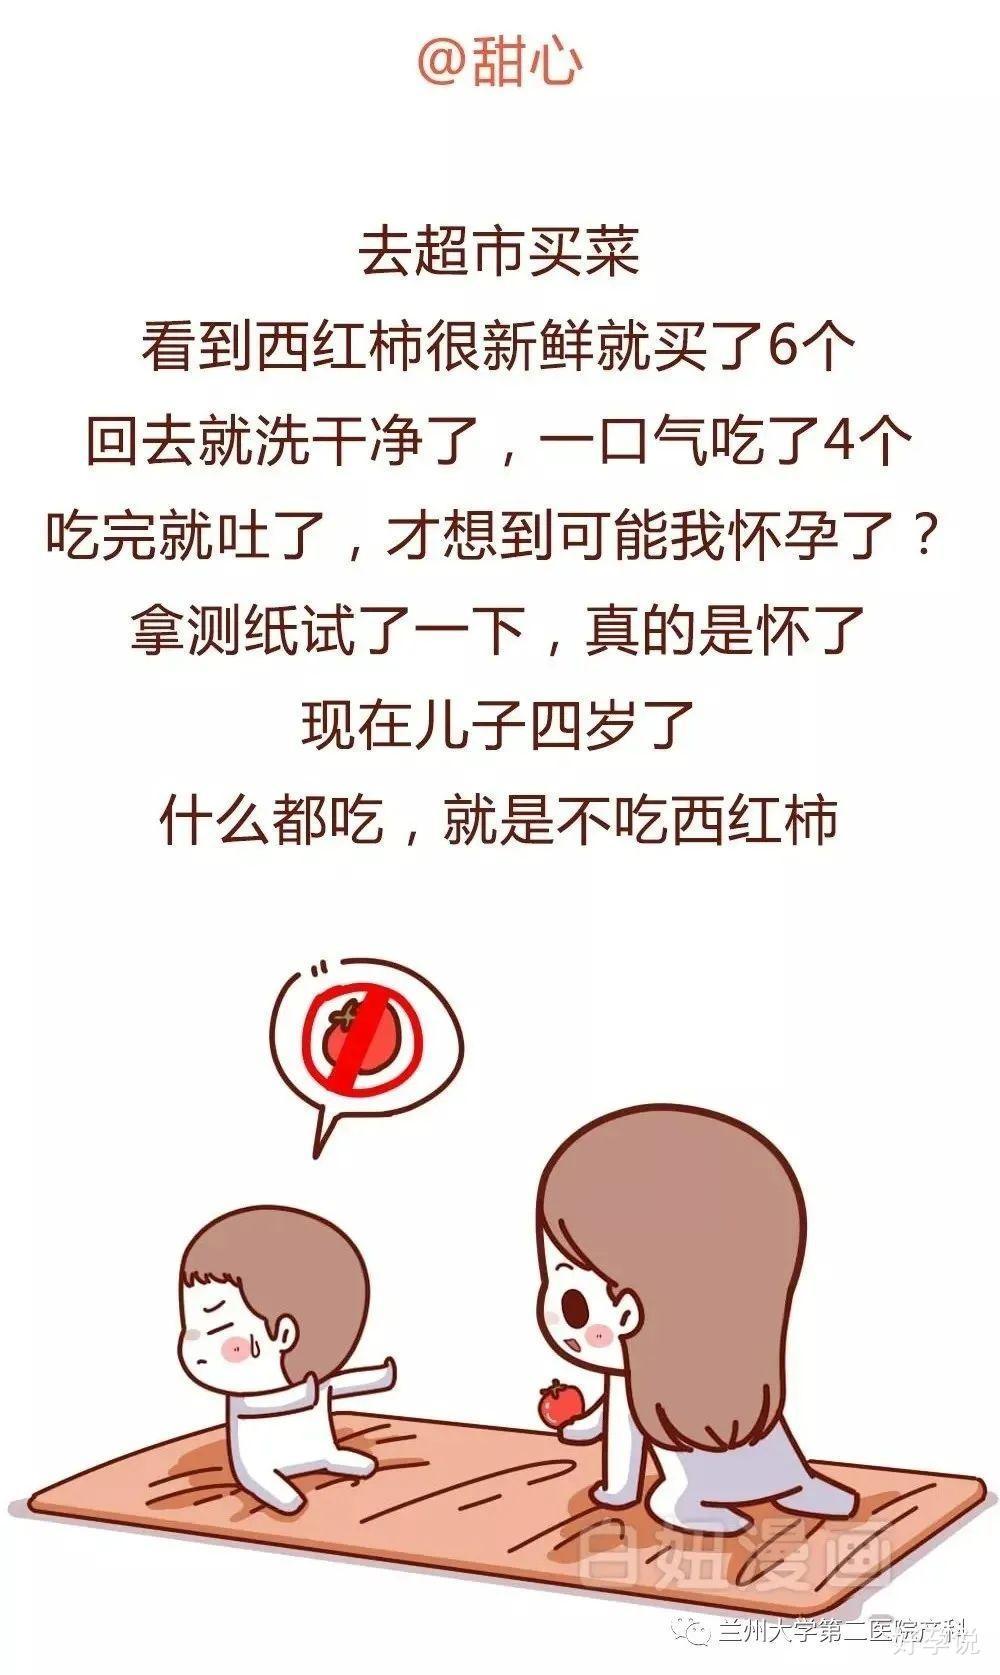 第一次怀孕没什么经验,让大家见笑了 哈哈哈哈哈插图5